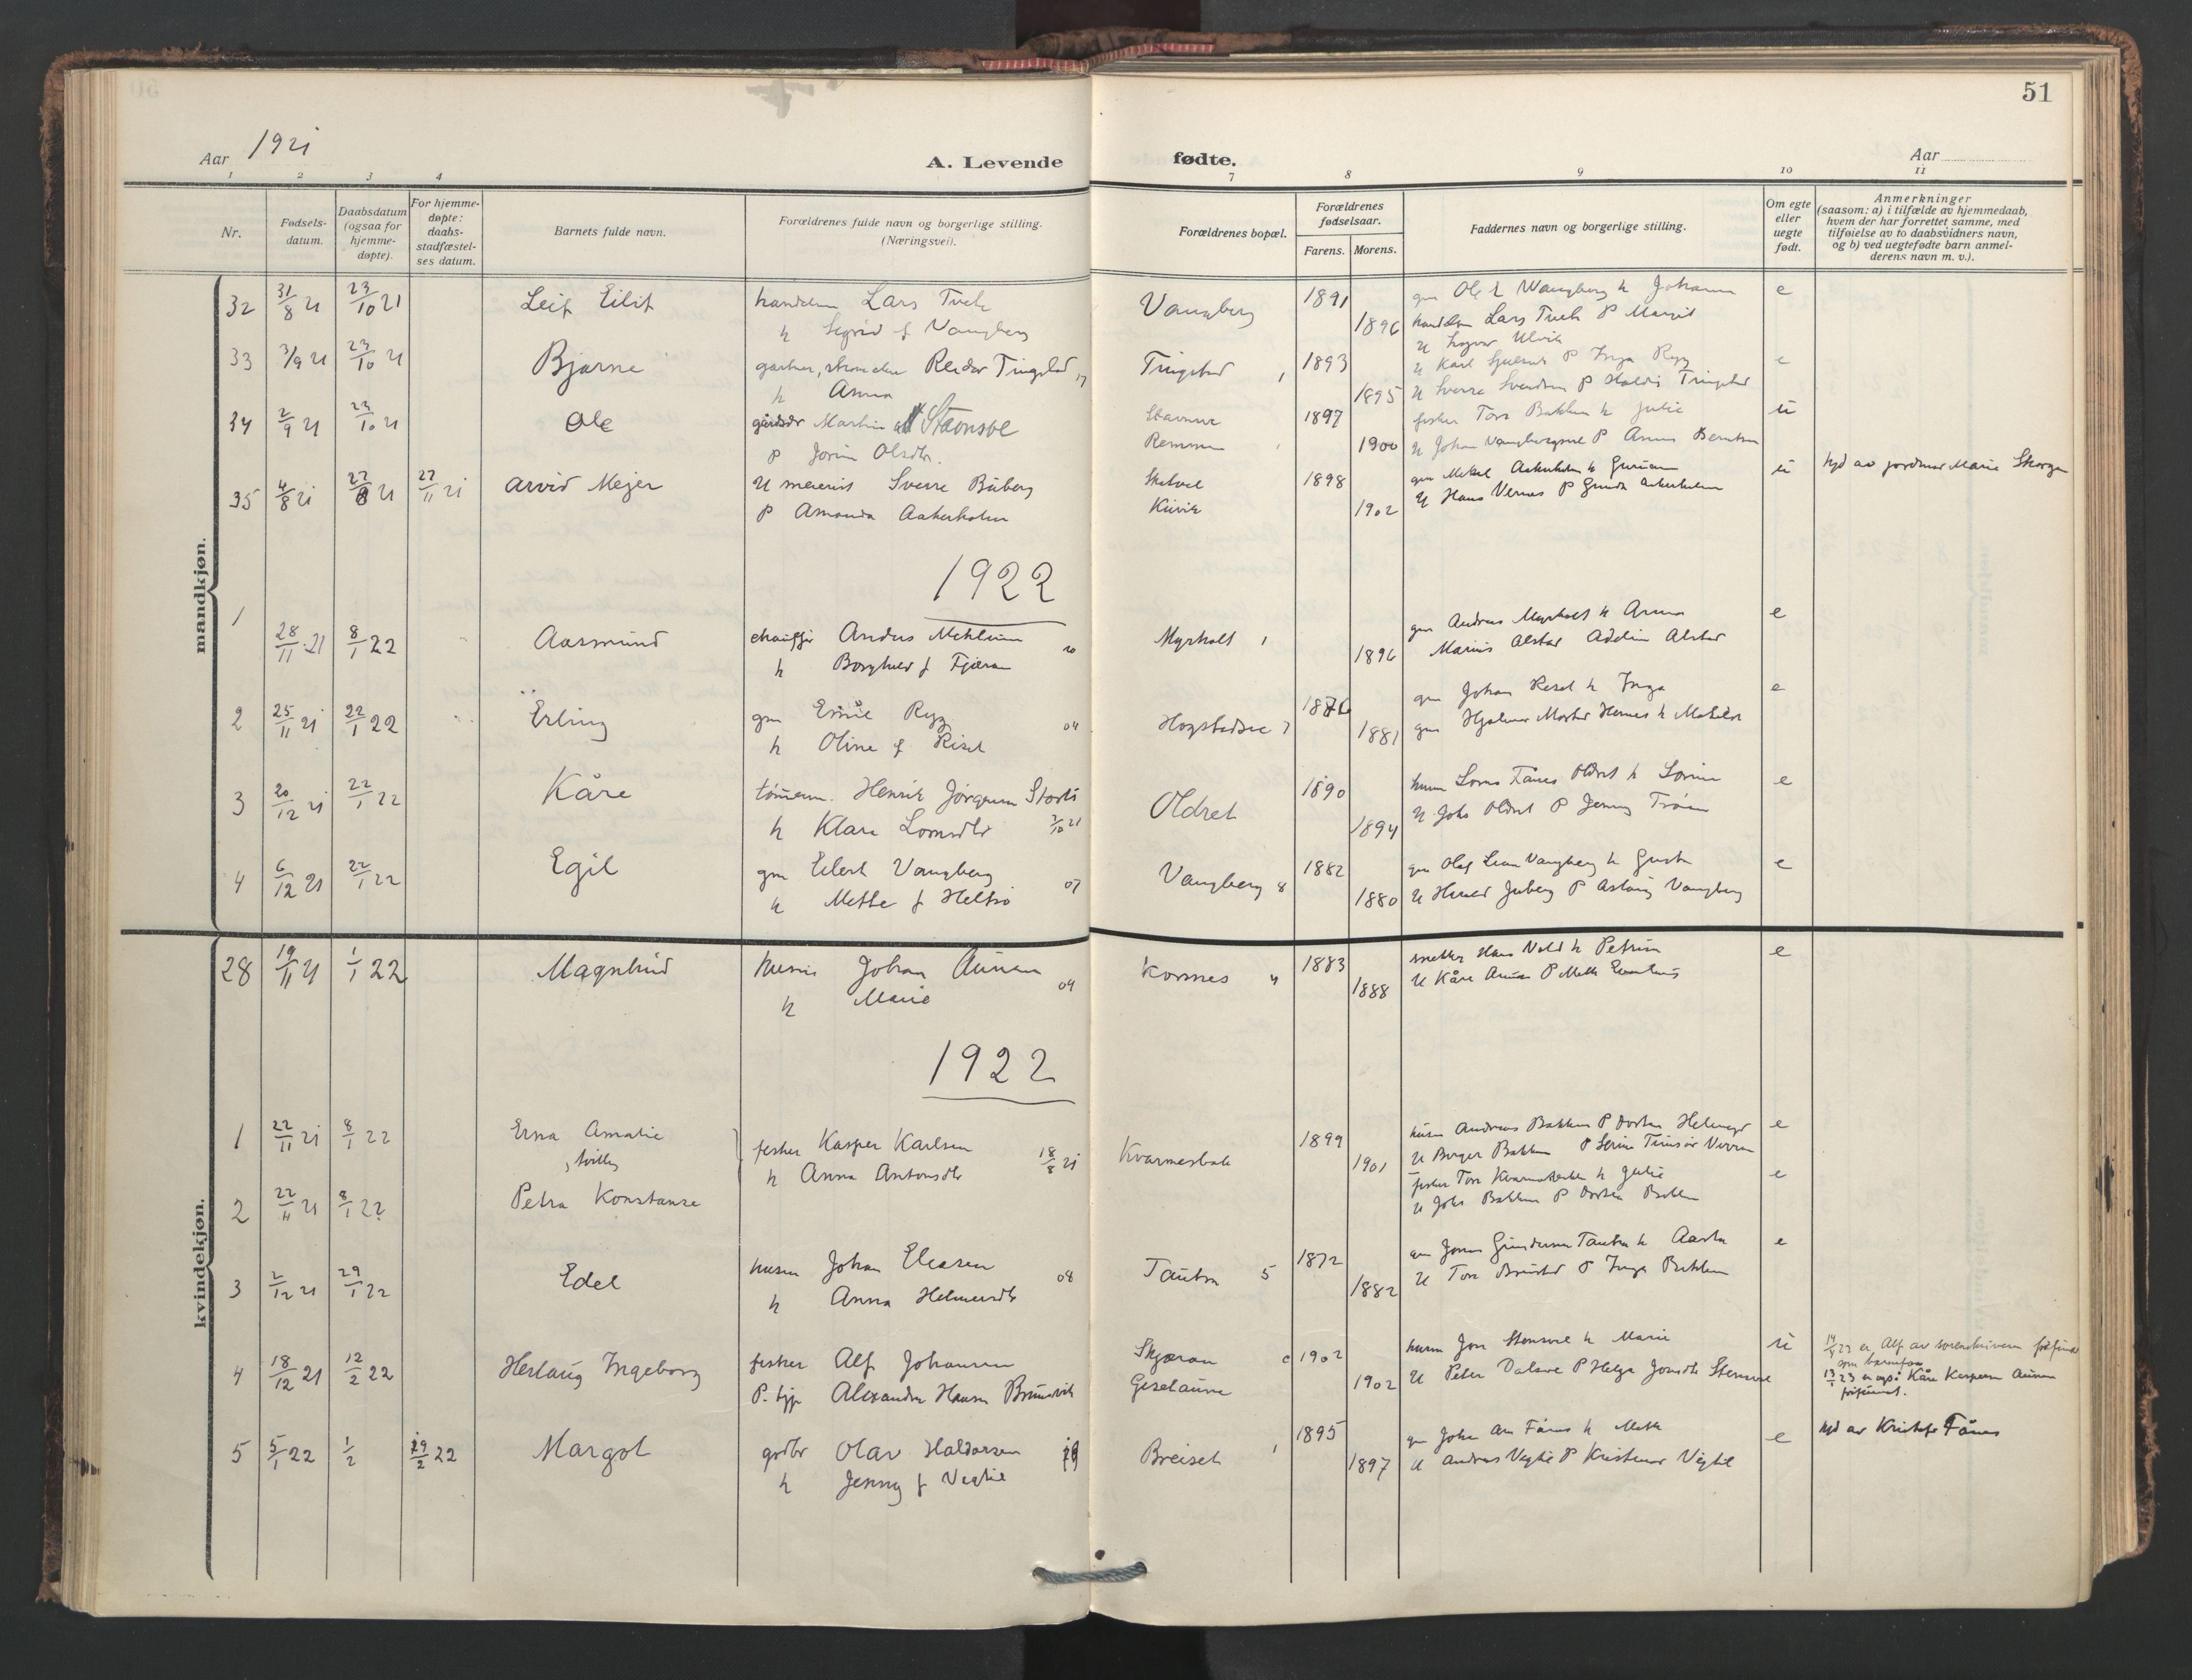 SAT, Ministerialprotokoller, klokkerbøker og fødselsregistre - Nord-Trøndelag, 713/L0123: Ministerialbok nr. 713A12, 1911-1925, s. 51